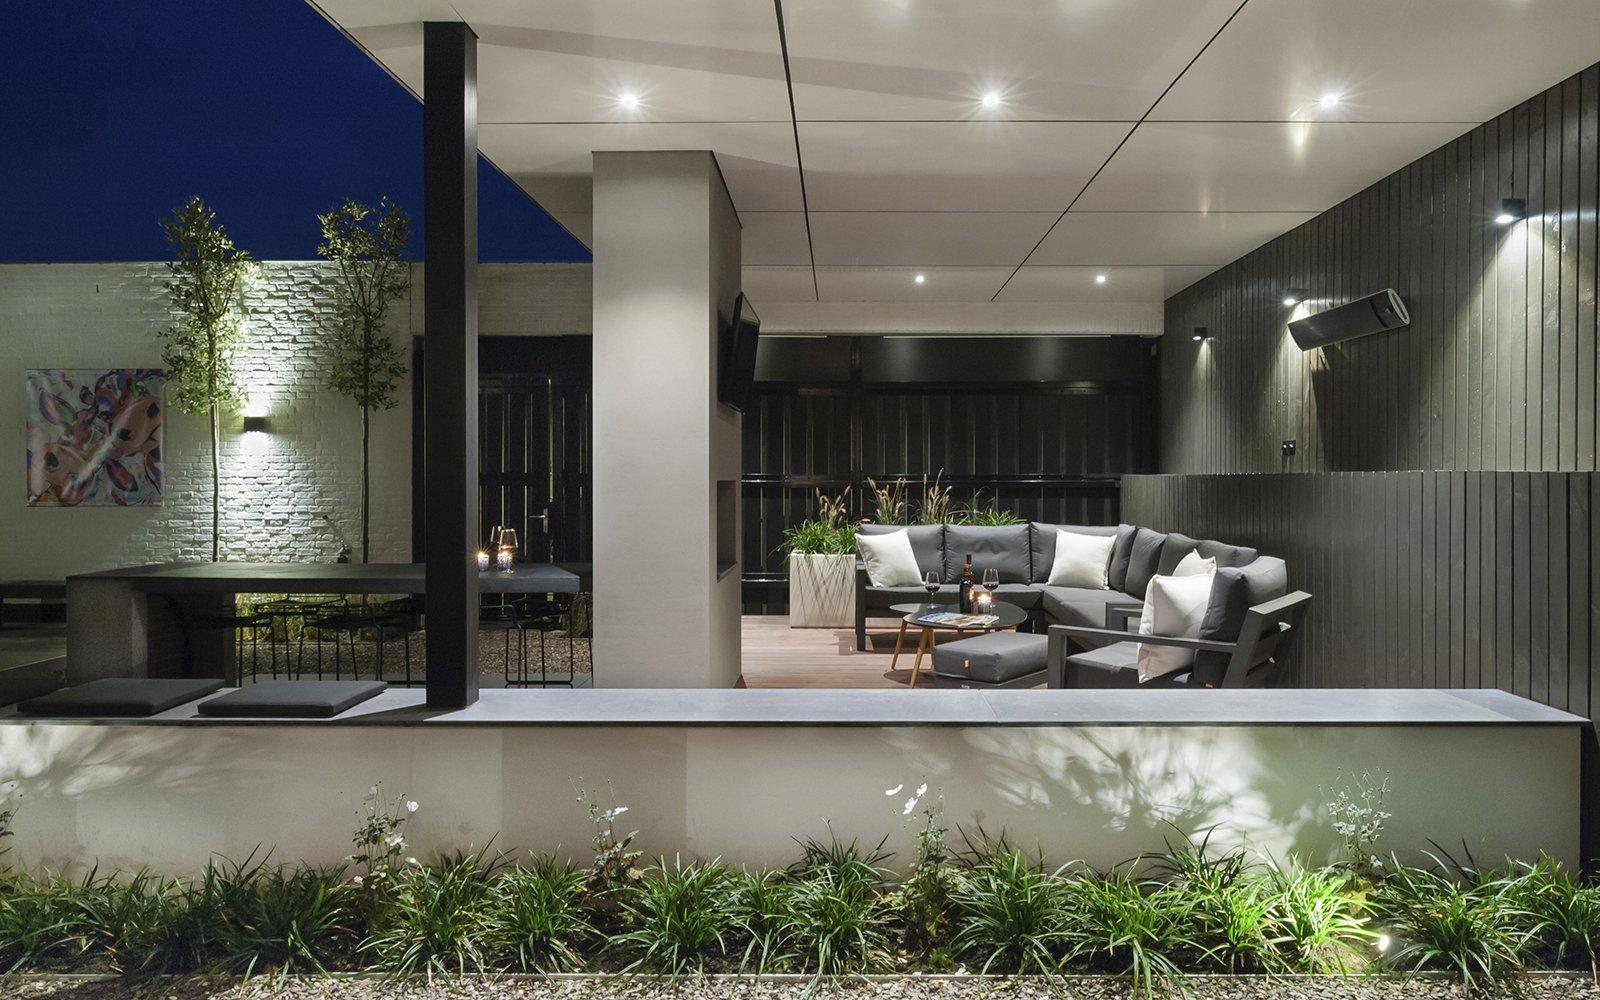 beurs voor wonen, the art of living, woonbeurs, event, woonevent, knops tuindesign, luxe tuinontwerp, exclusieve tuinen